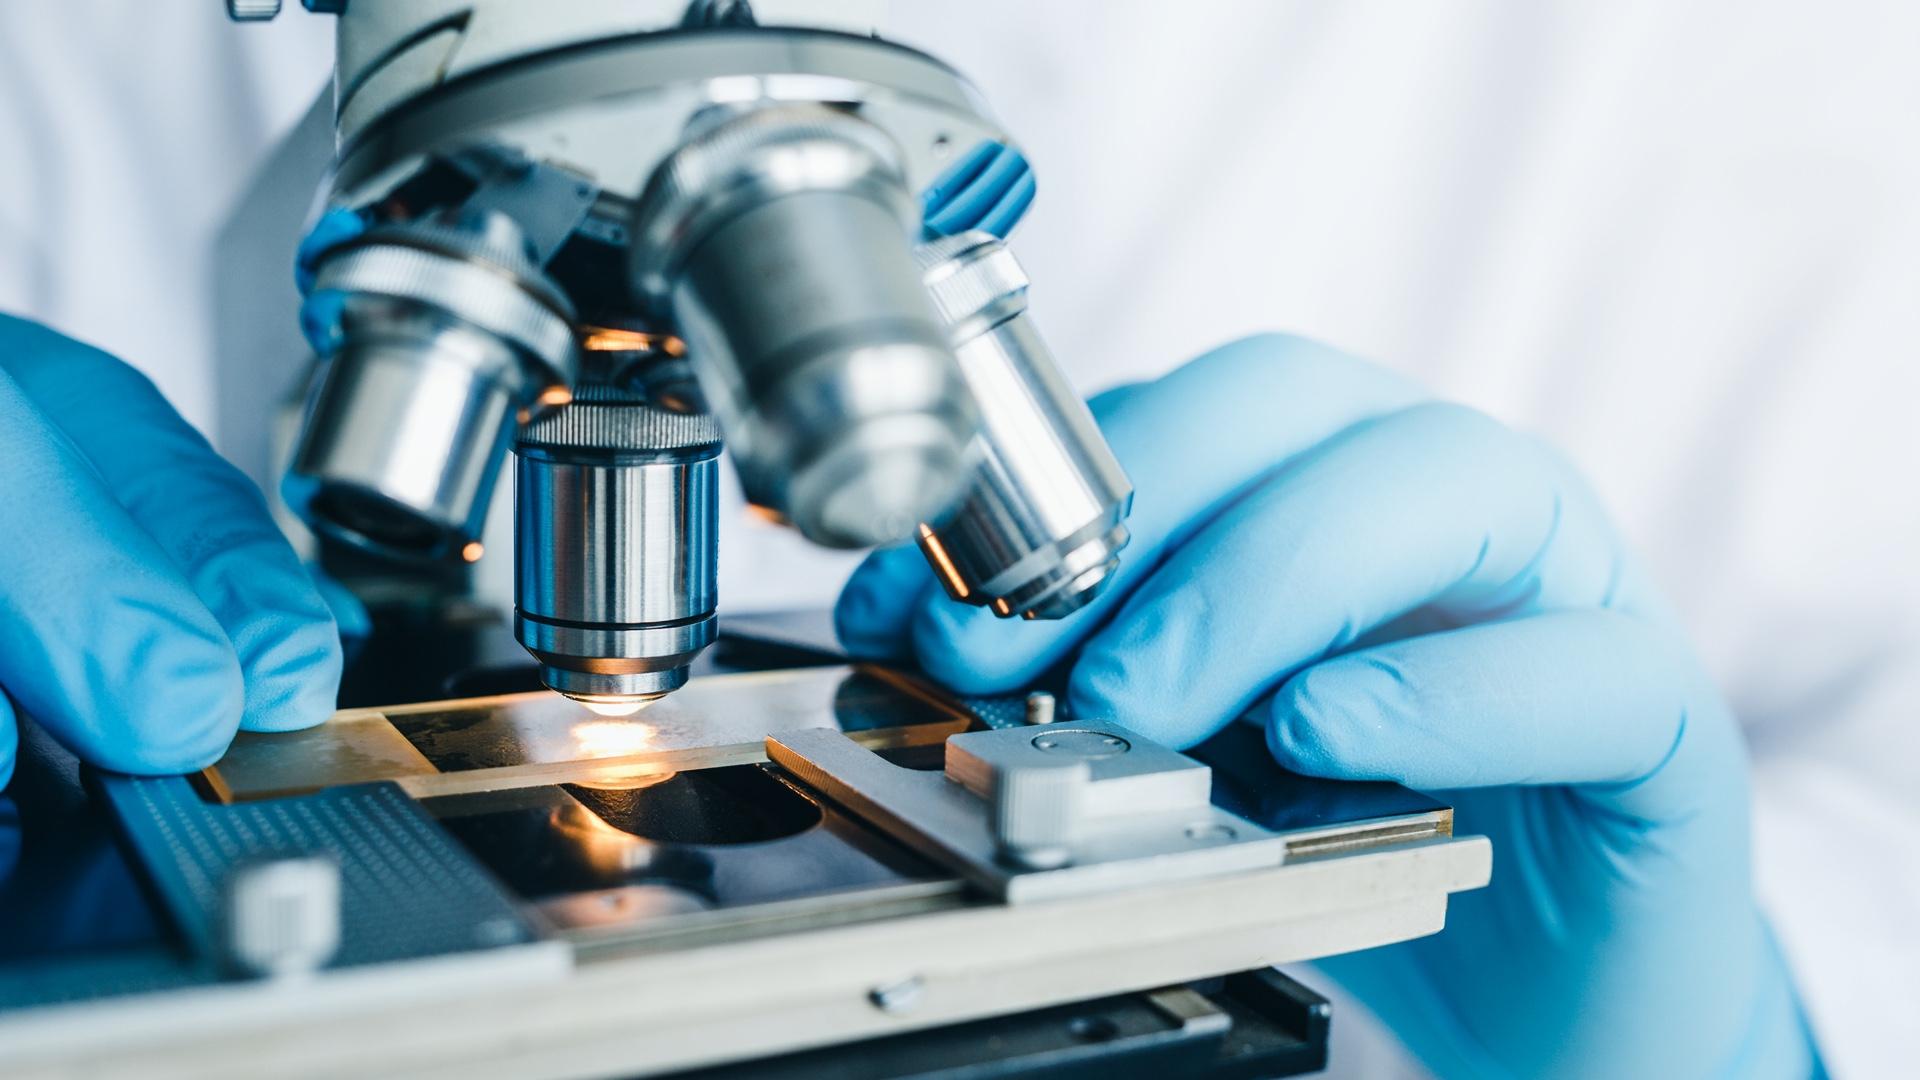 Mikroskop zur Untersuchung von Hautproben